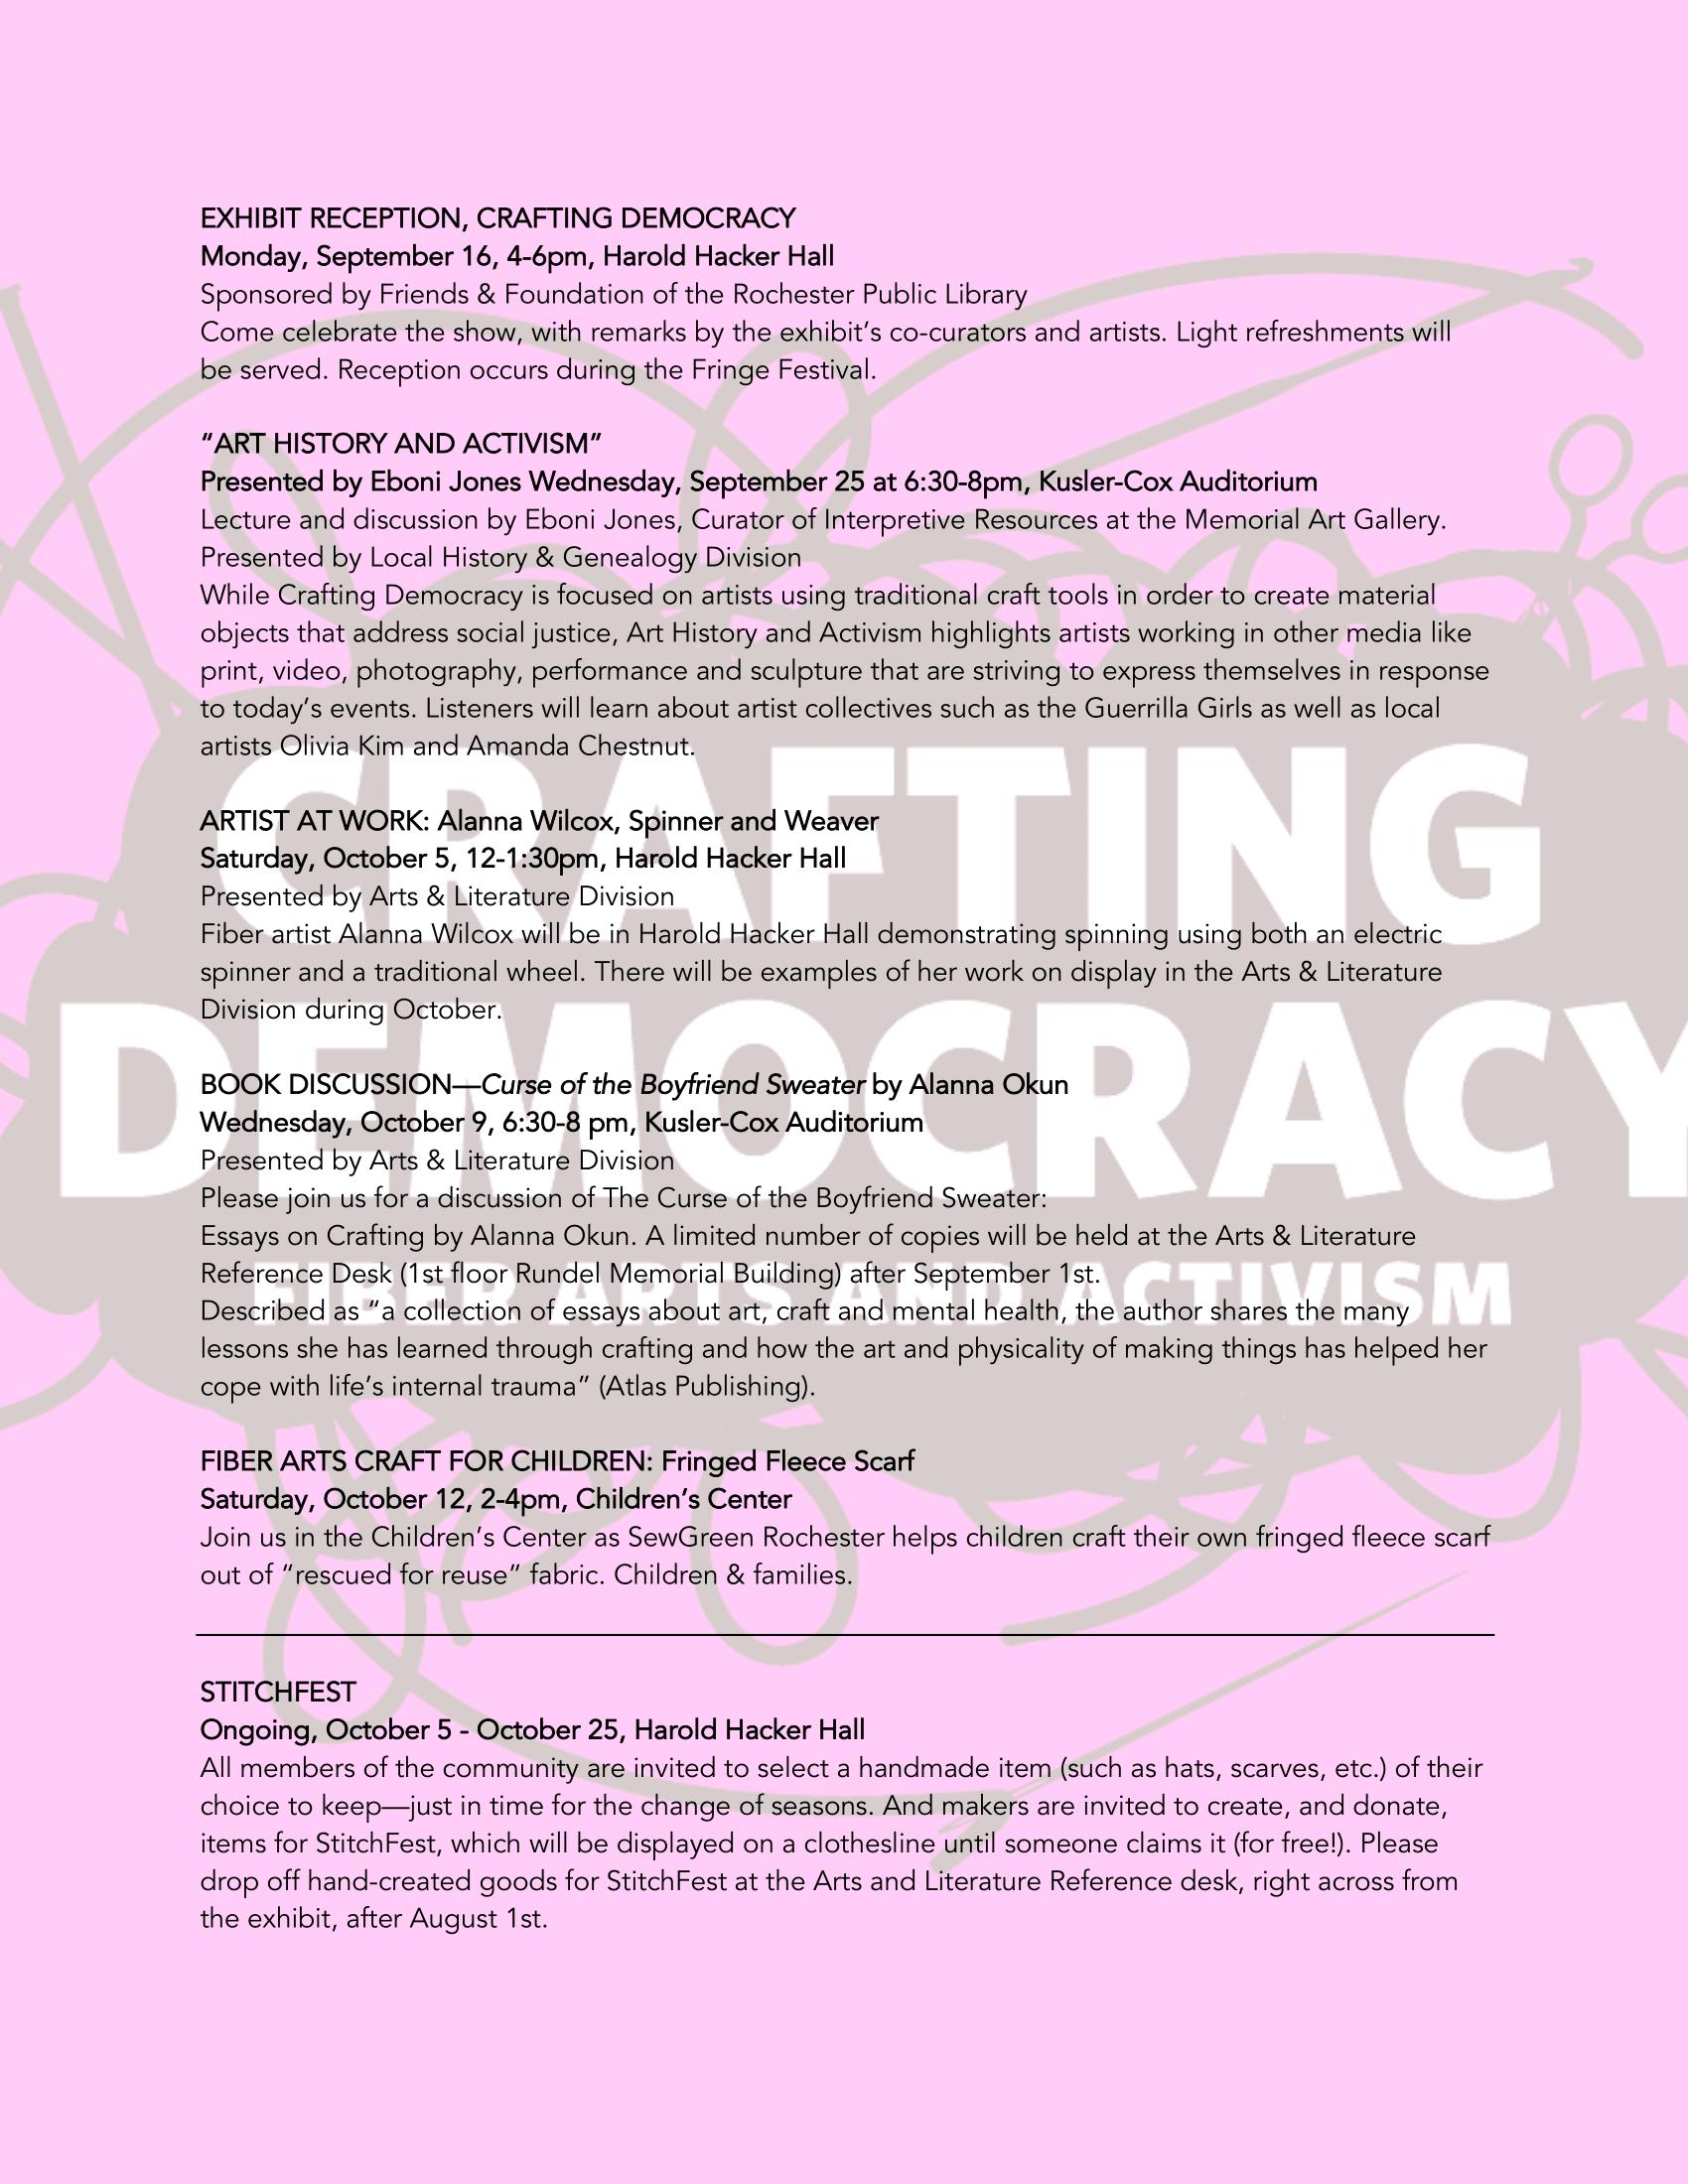 CratingDEMPNG2.png